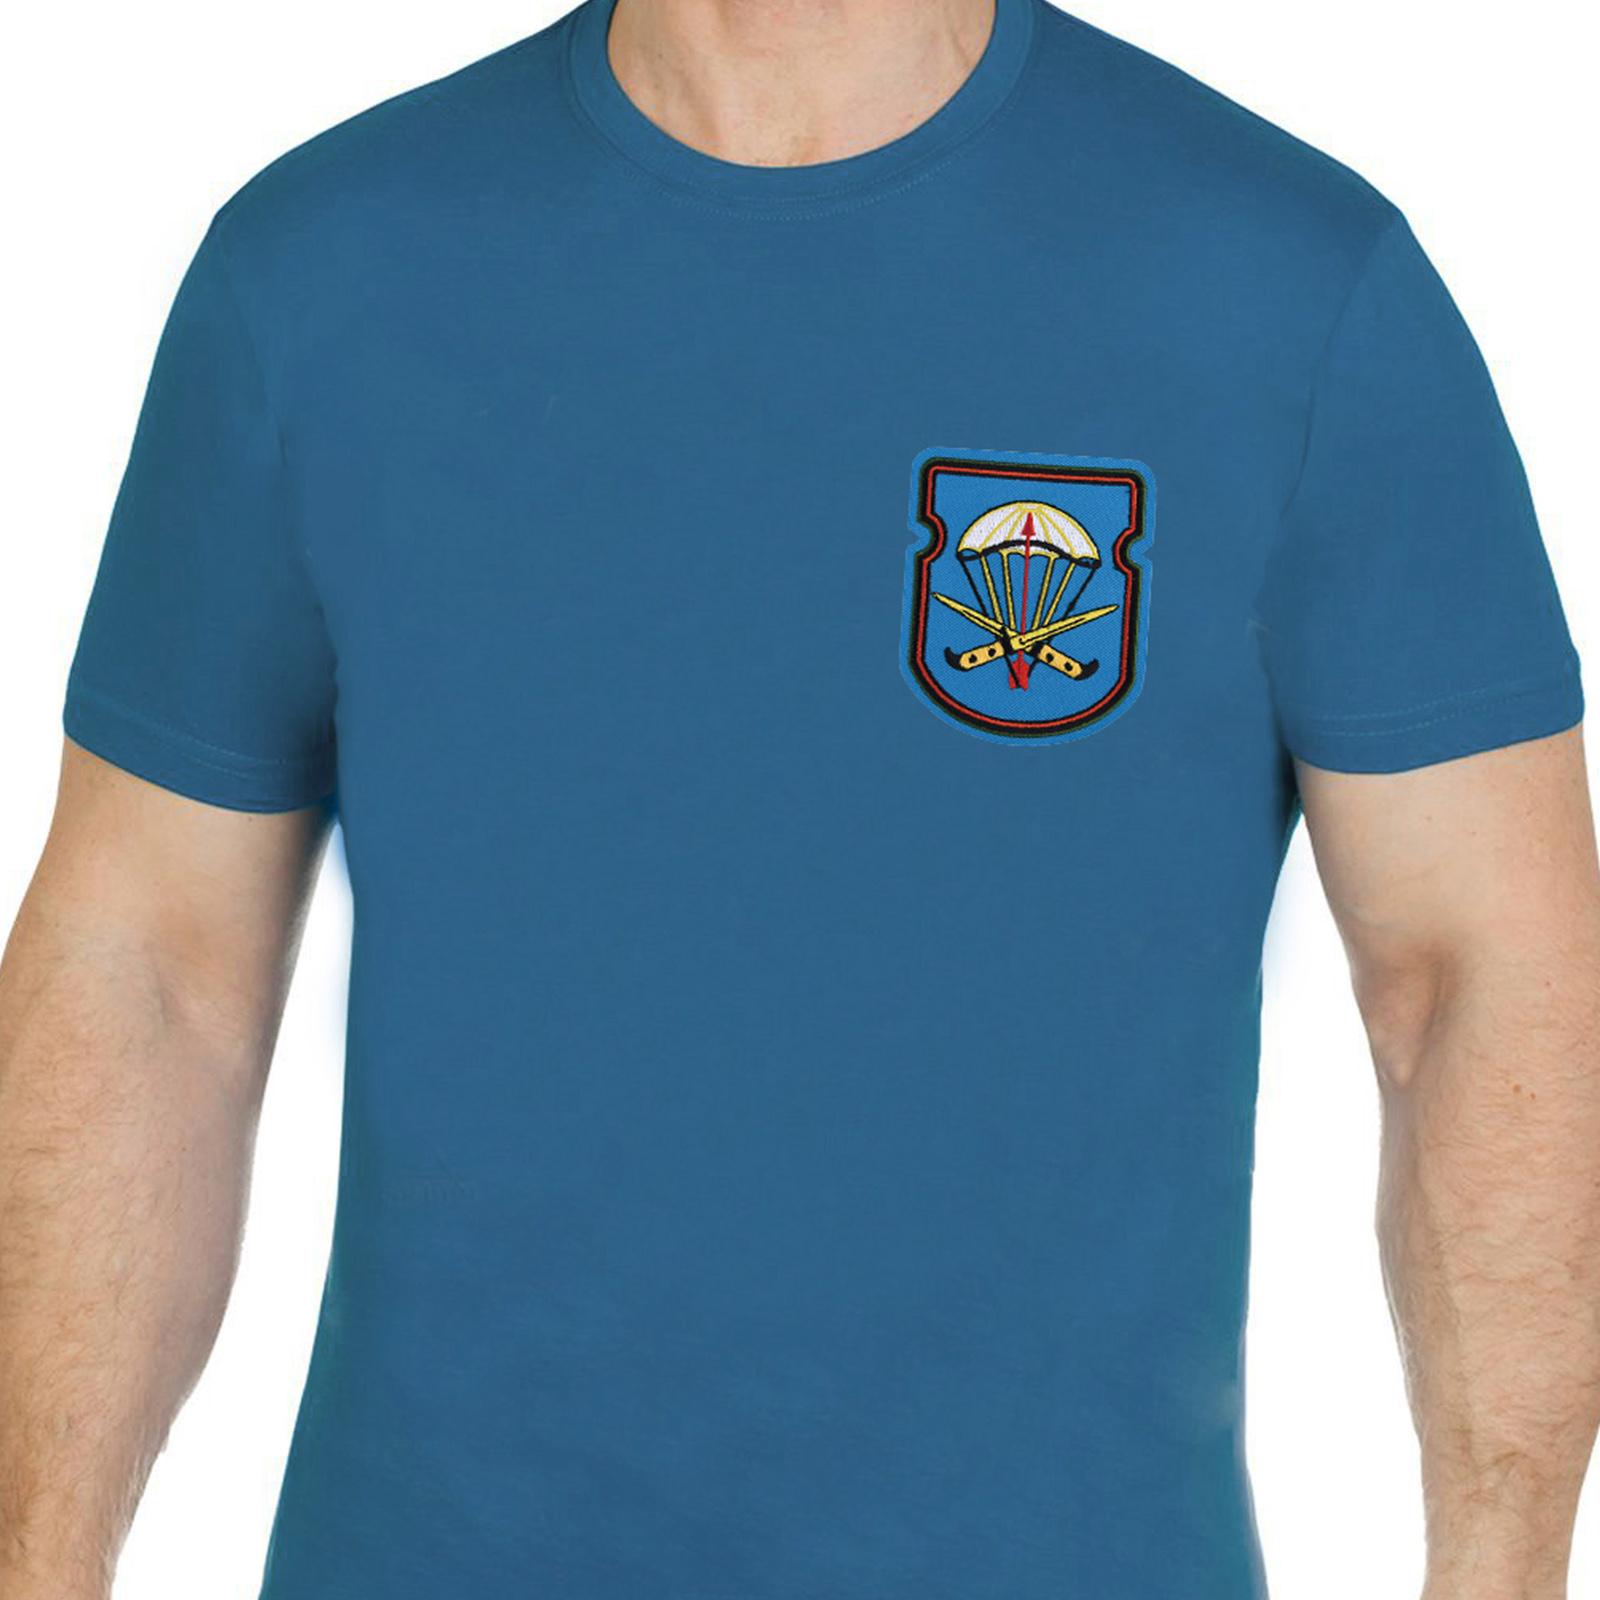 Мужская лаконичная футболка с вышитой эмблемой ВДВ